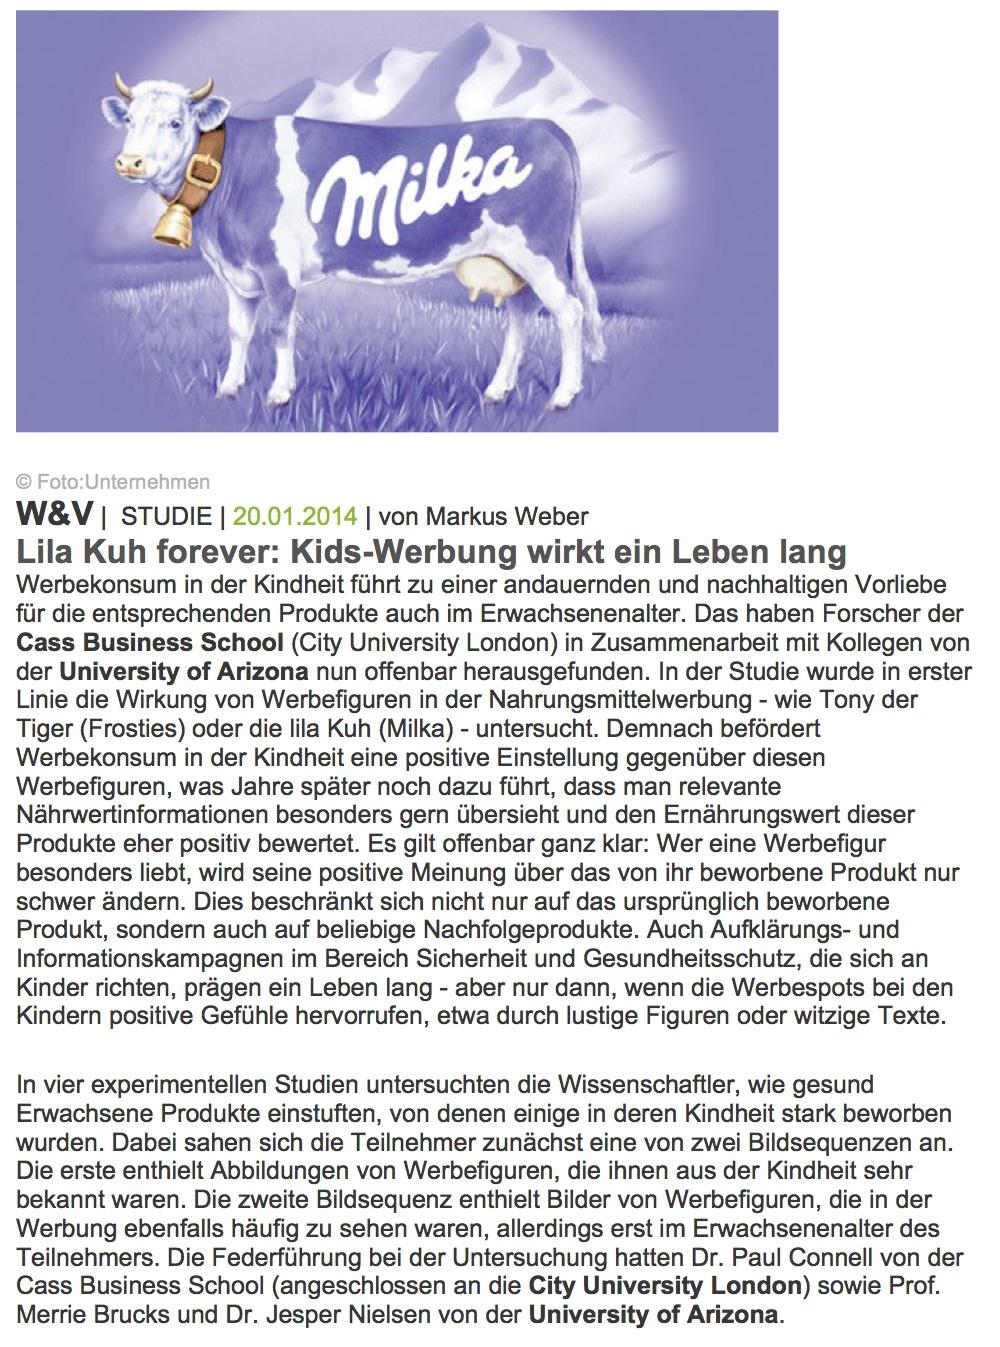 W&VV Kindertudie.jpg